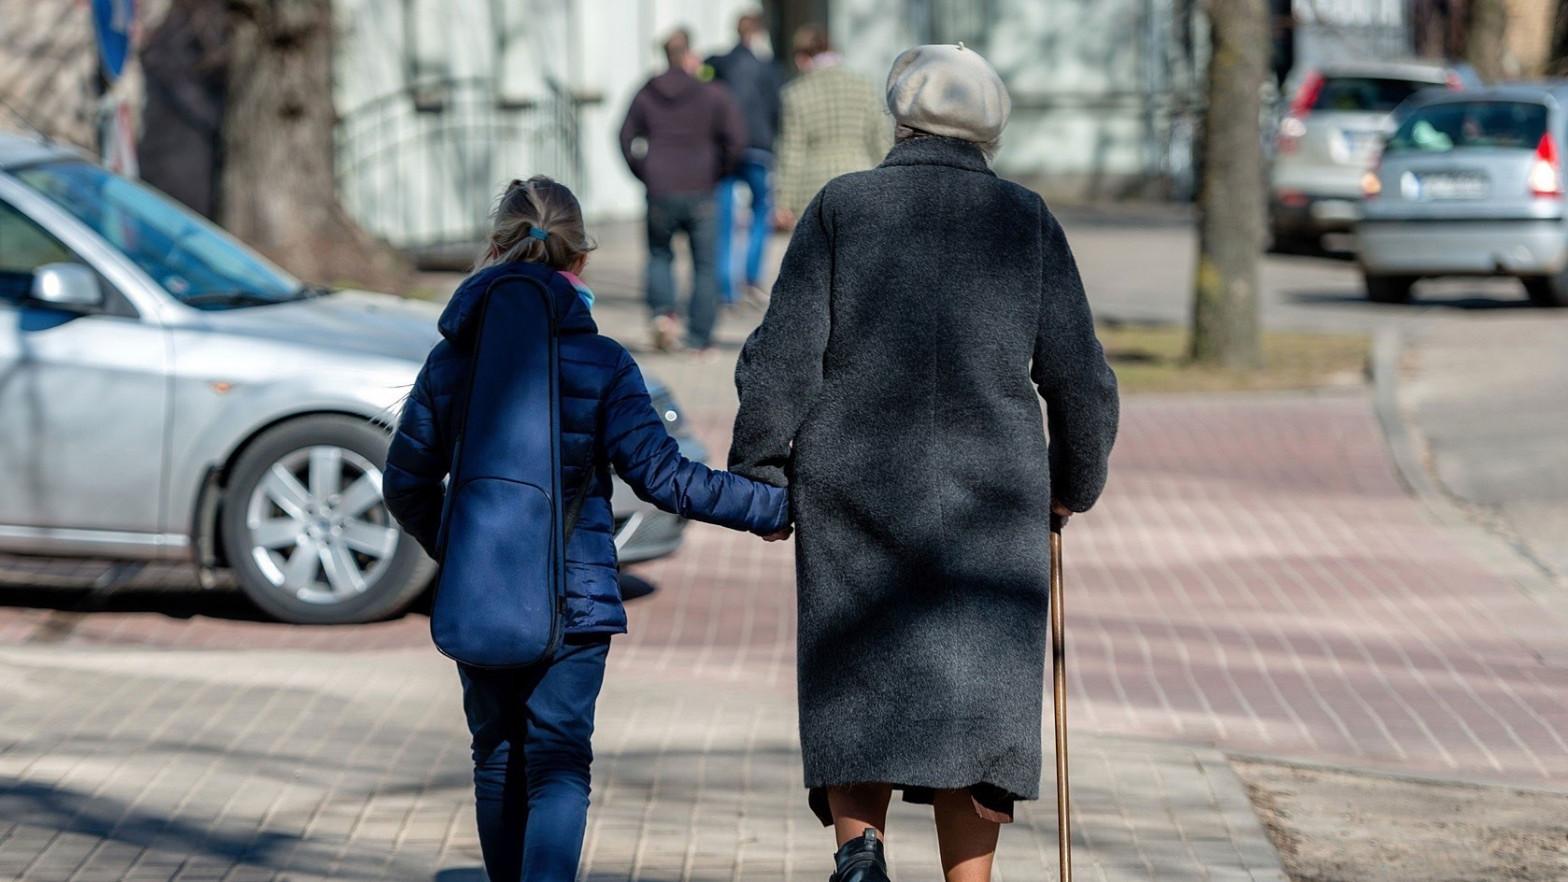 España registra el mayor descenso de esperanza de vida en la UE en 2020